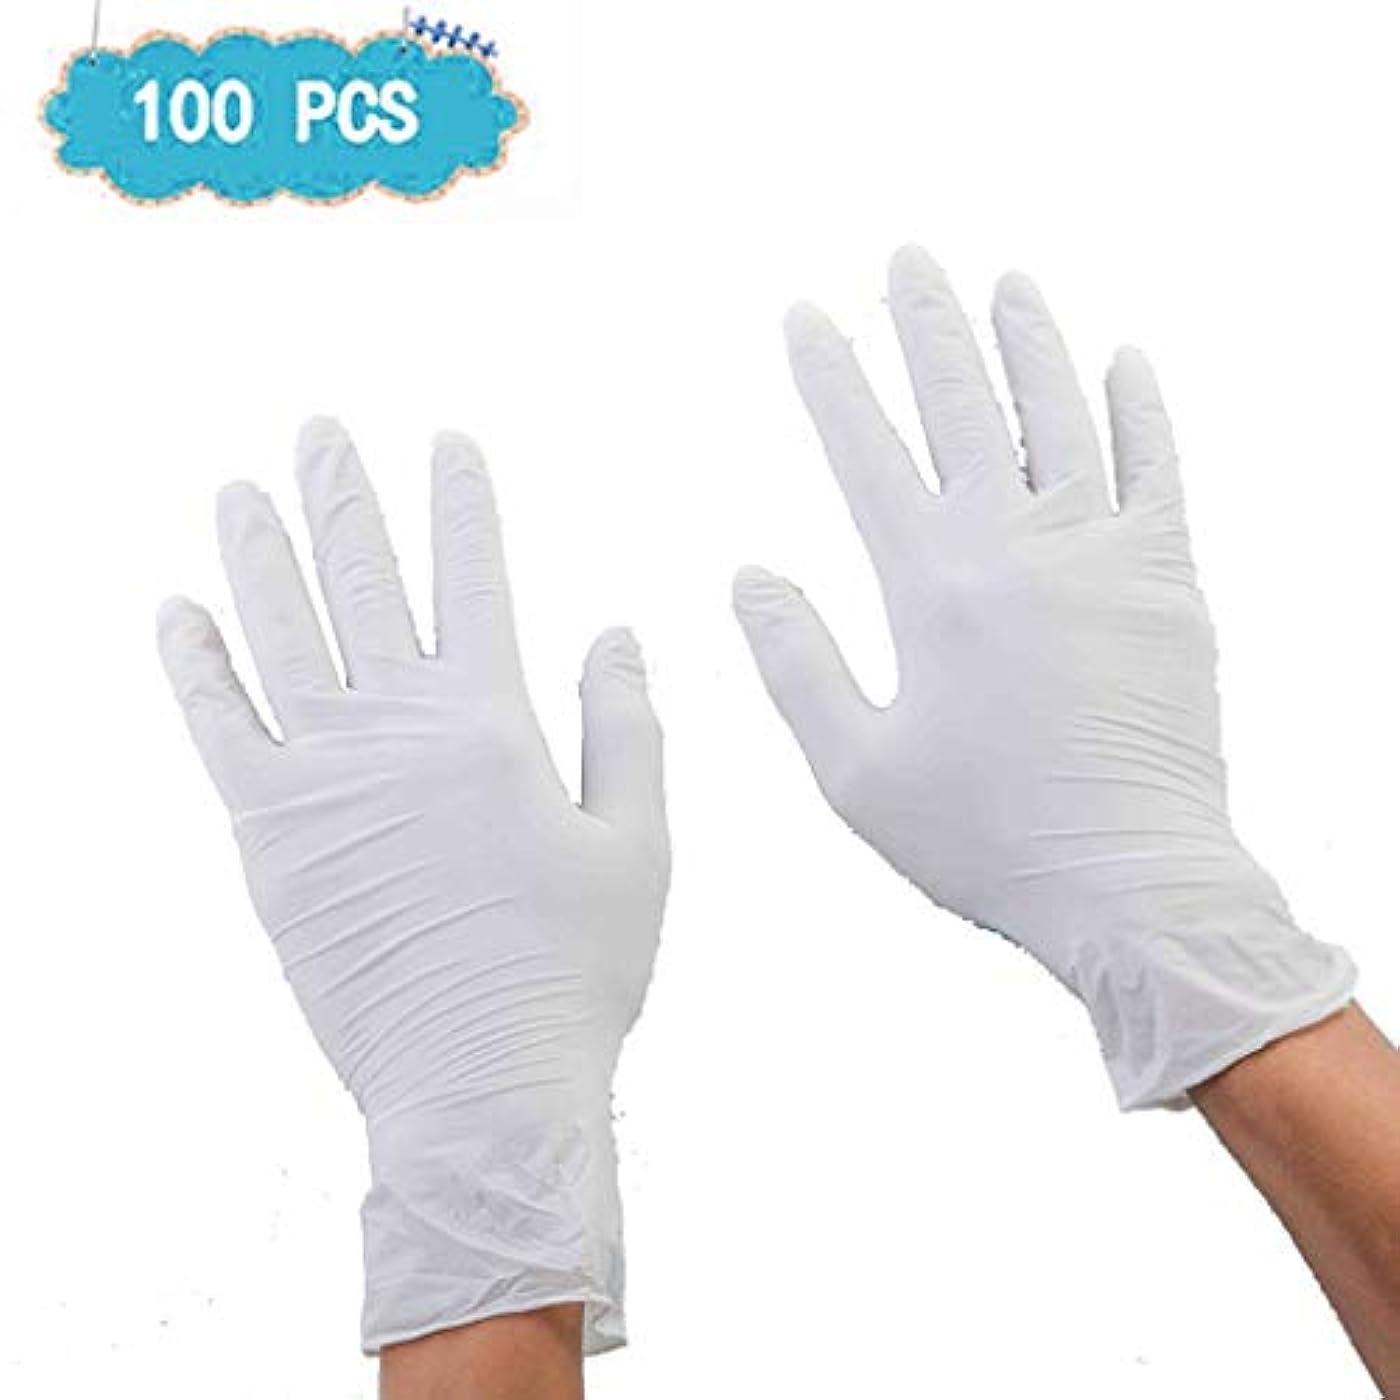 構造的する好むニトリル手袋、12インチ厚ゴム手袋白い手袋食品加工医療ペットケアネイルアート検査保護実験、美容サロンラテックスフリー、、 100個 (Size : L)